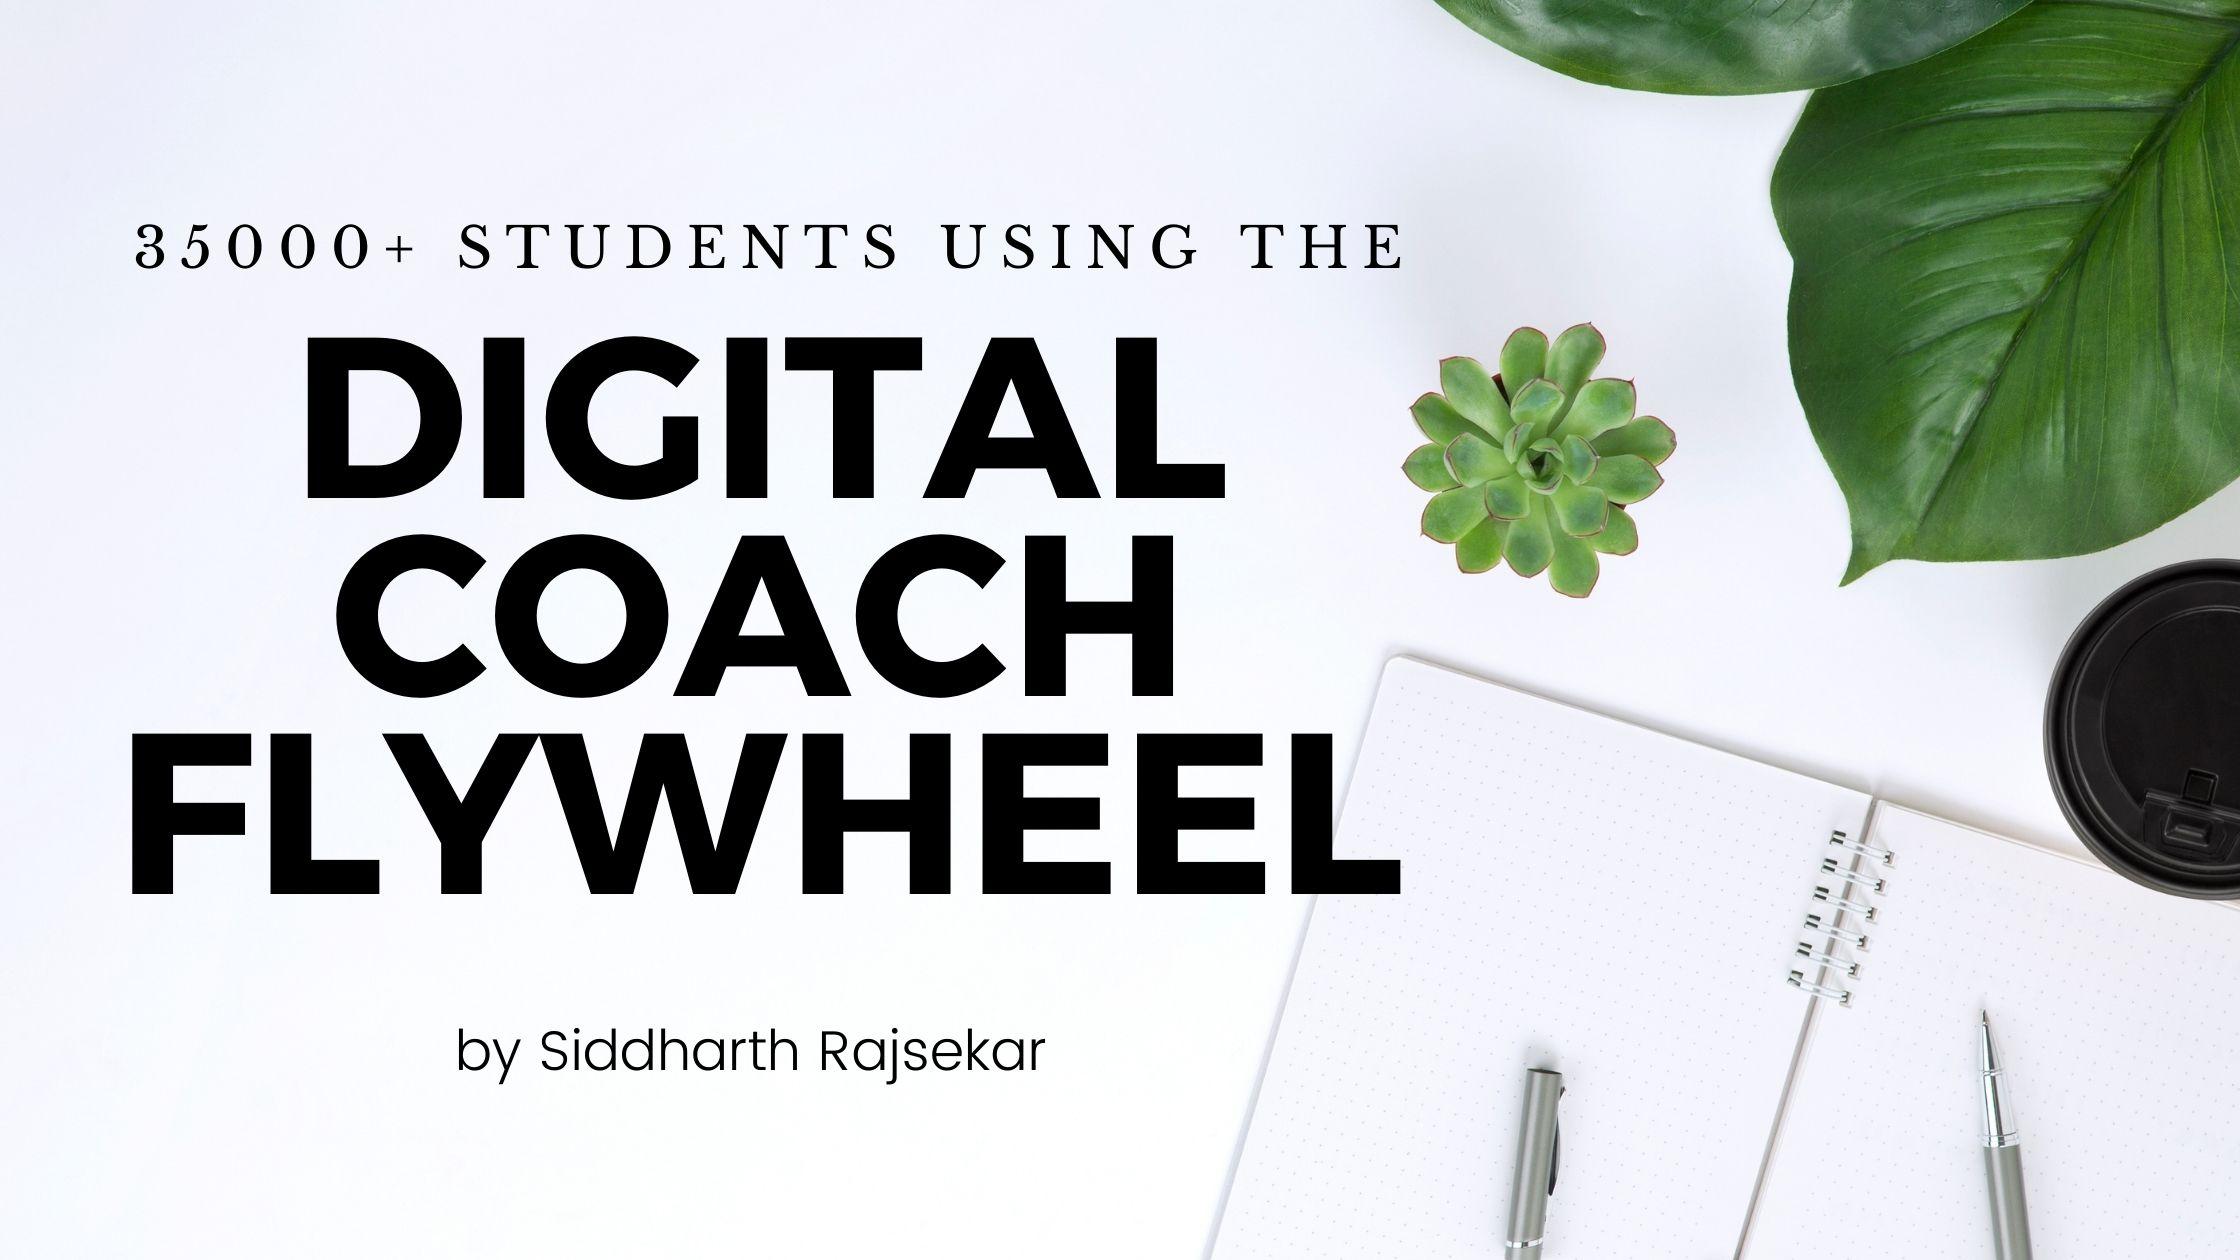 digital coach flywheel